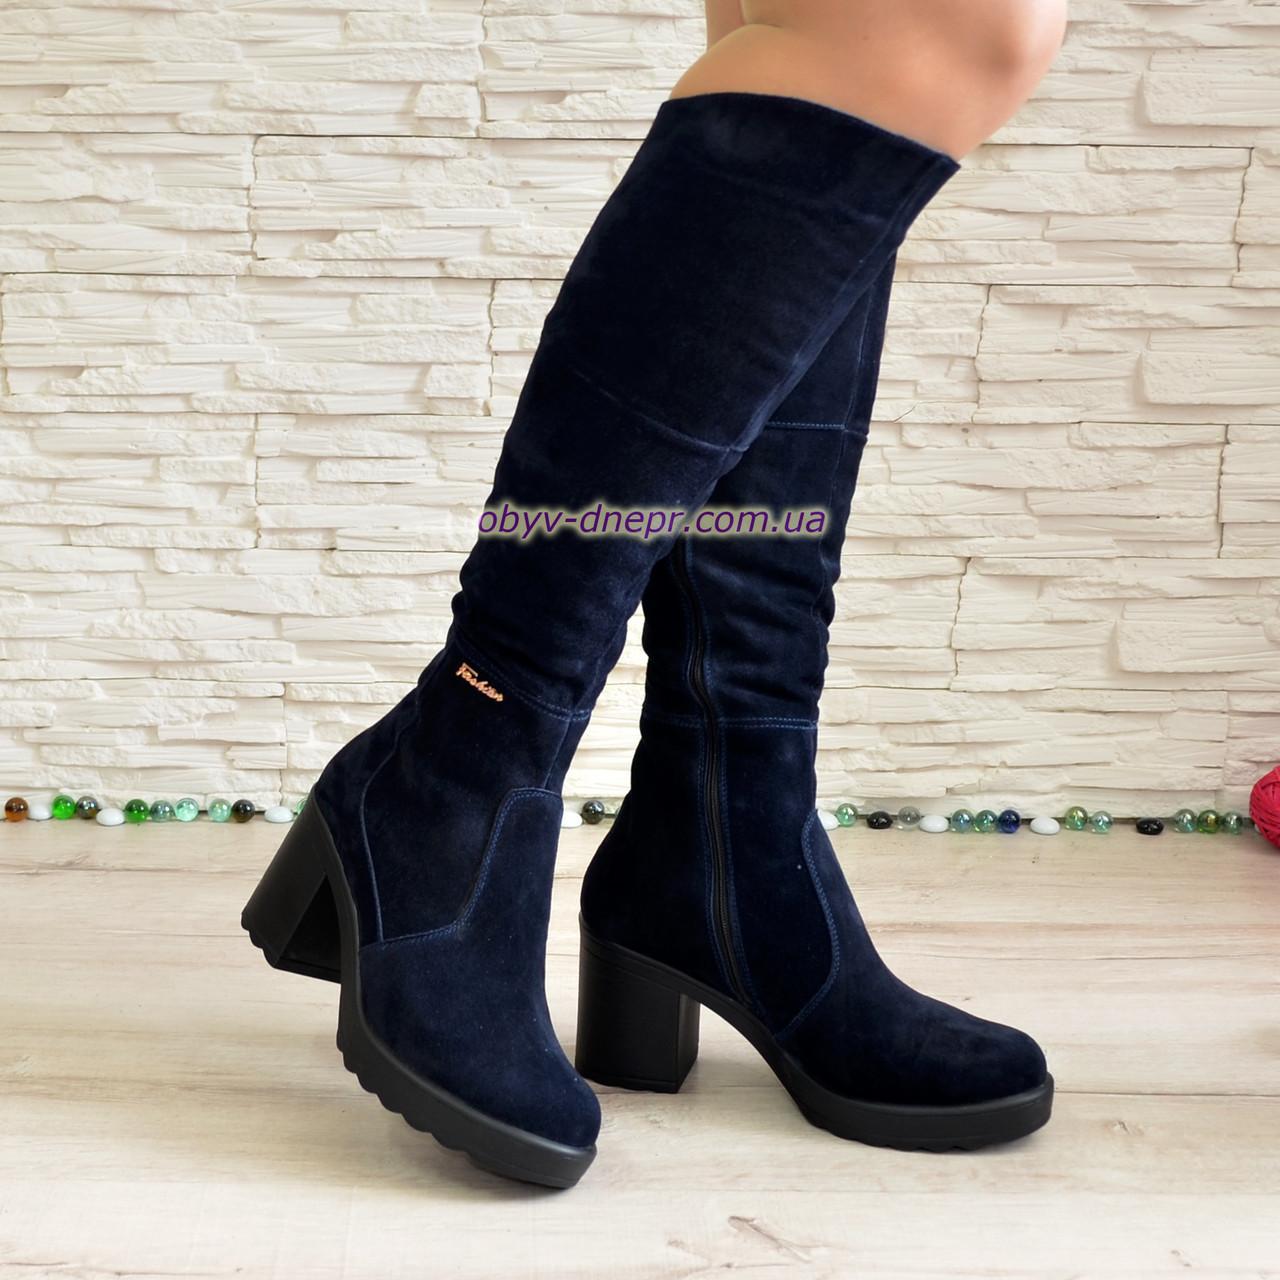 Женские   ботфорты на устойчивом каблуке, из натуральной замши